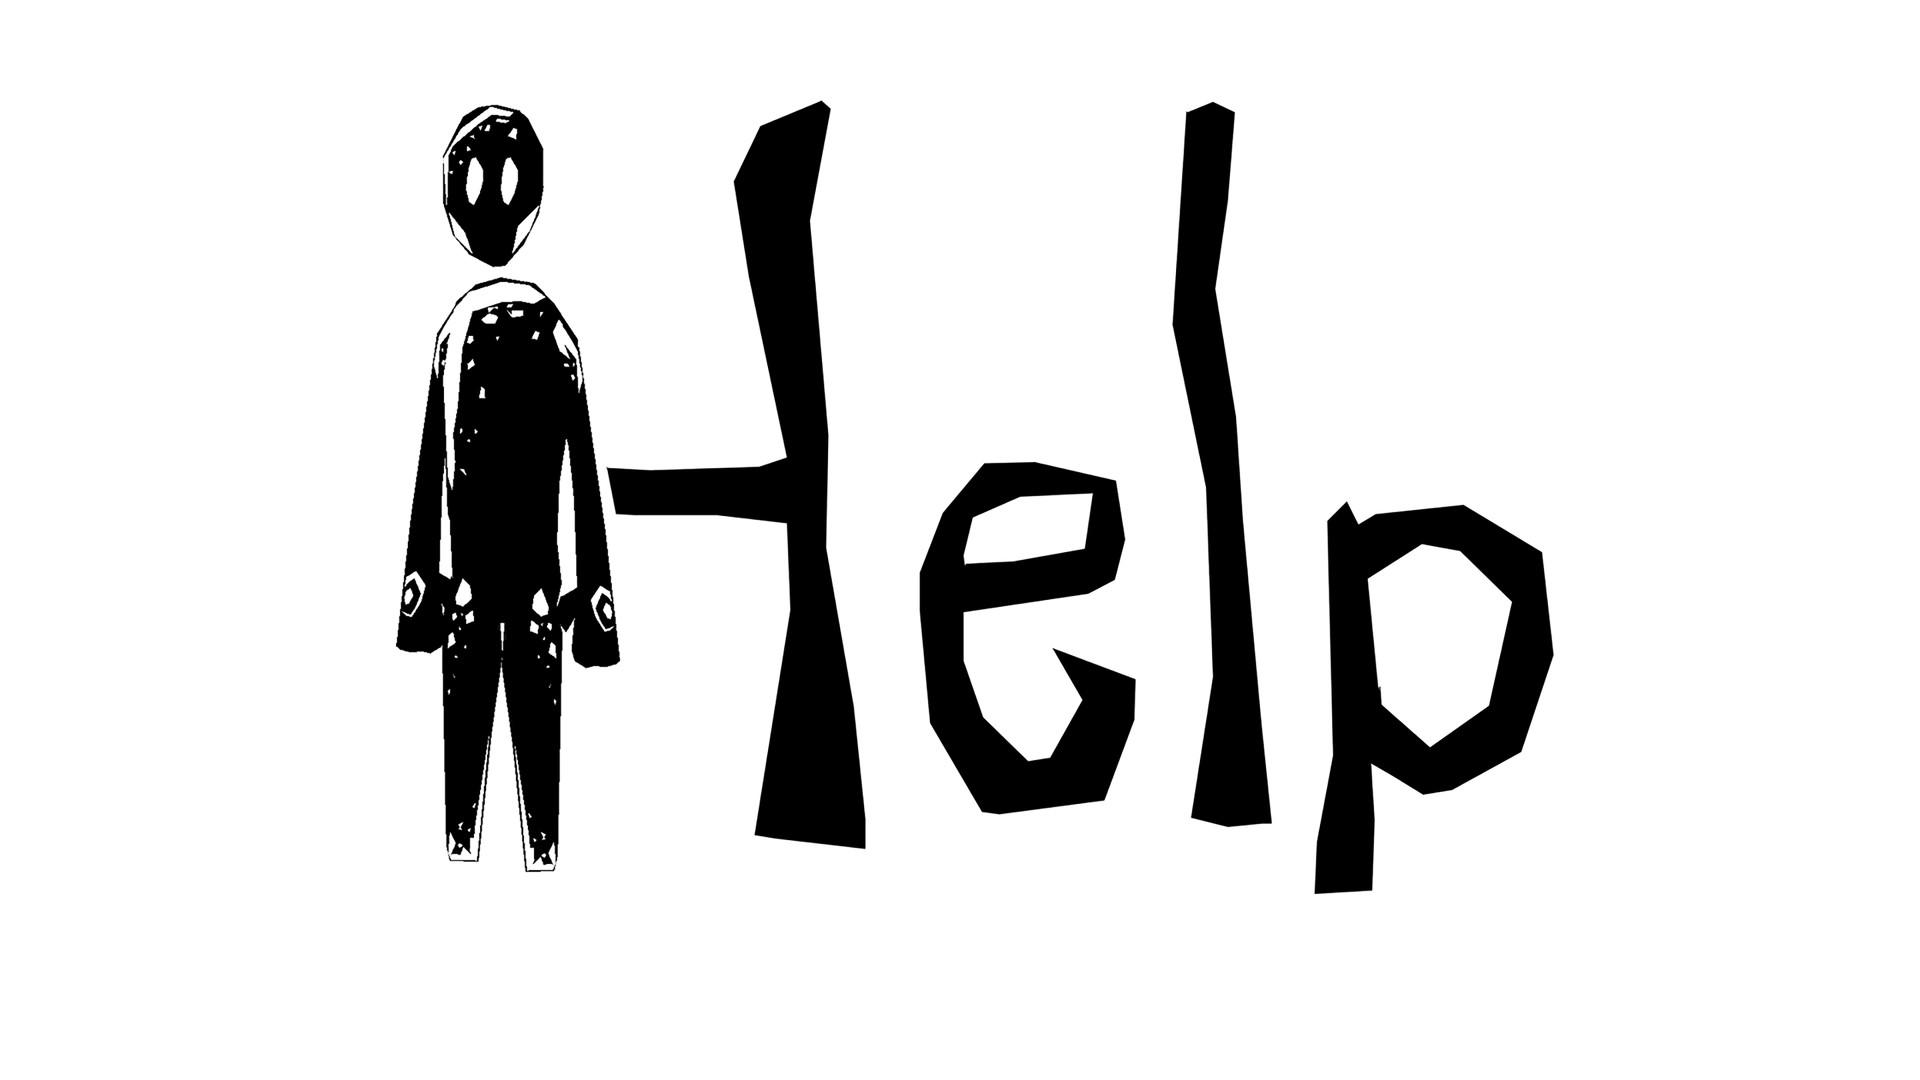 Lizzie wise help logo150